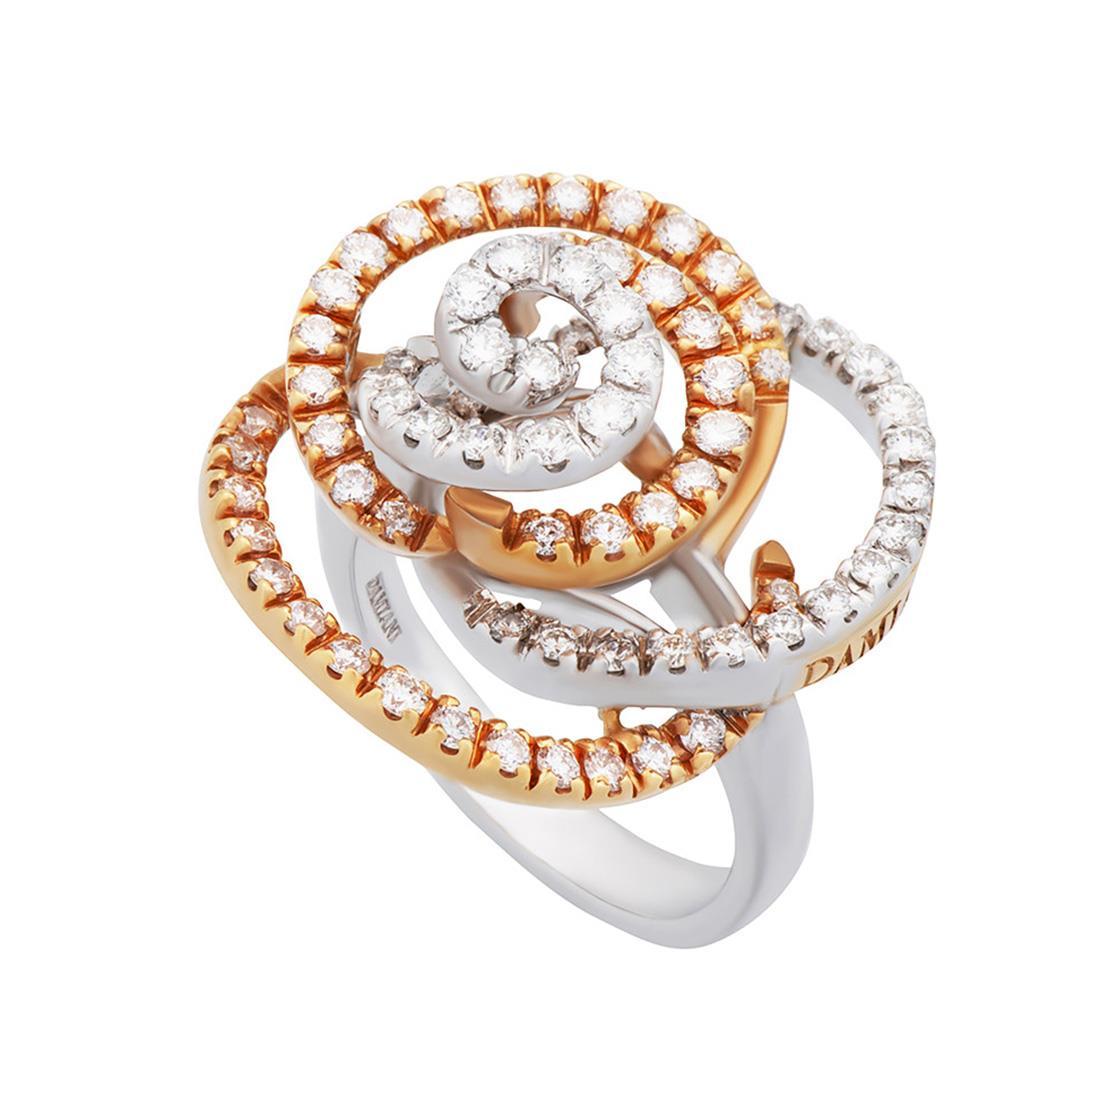 Anello in oro bianco e rosa con diamanti ct. 1,43 - DAMIANI